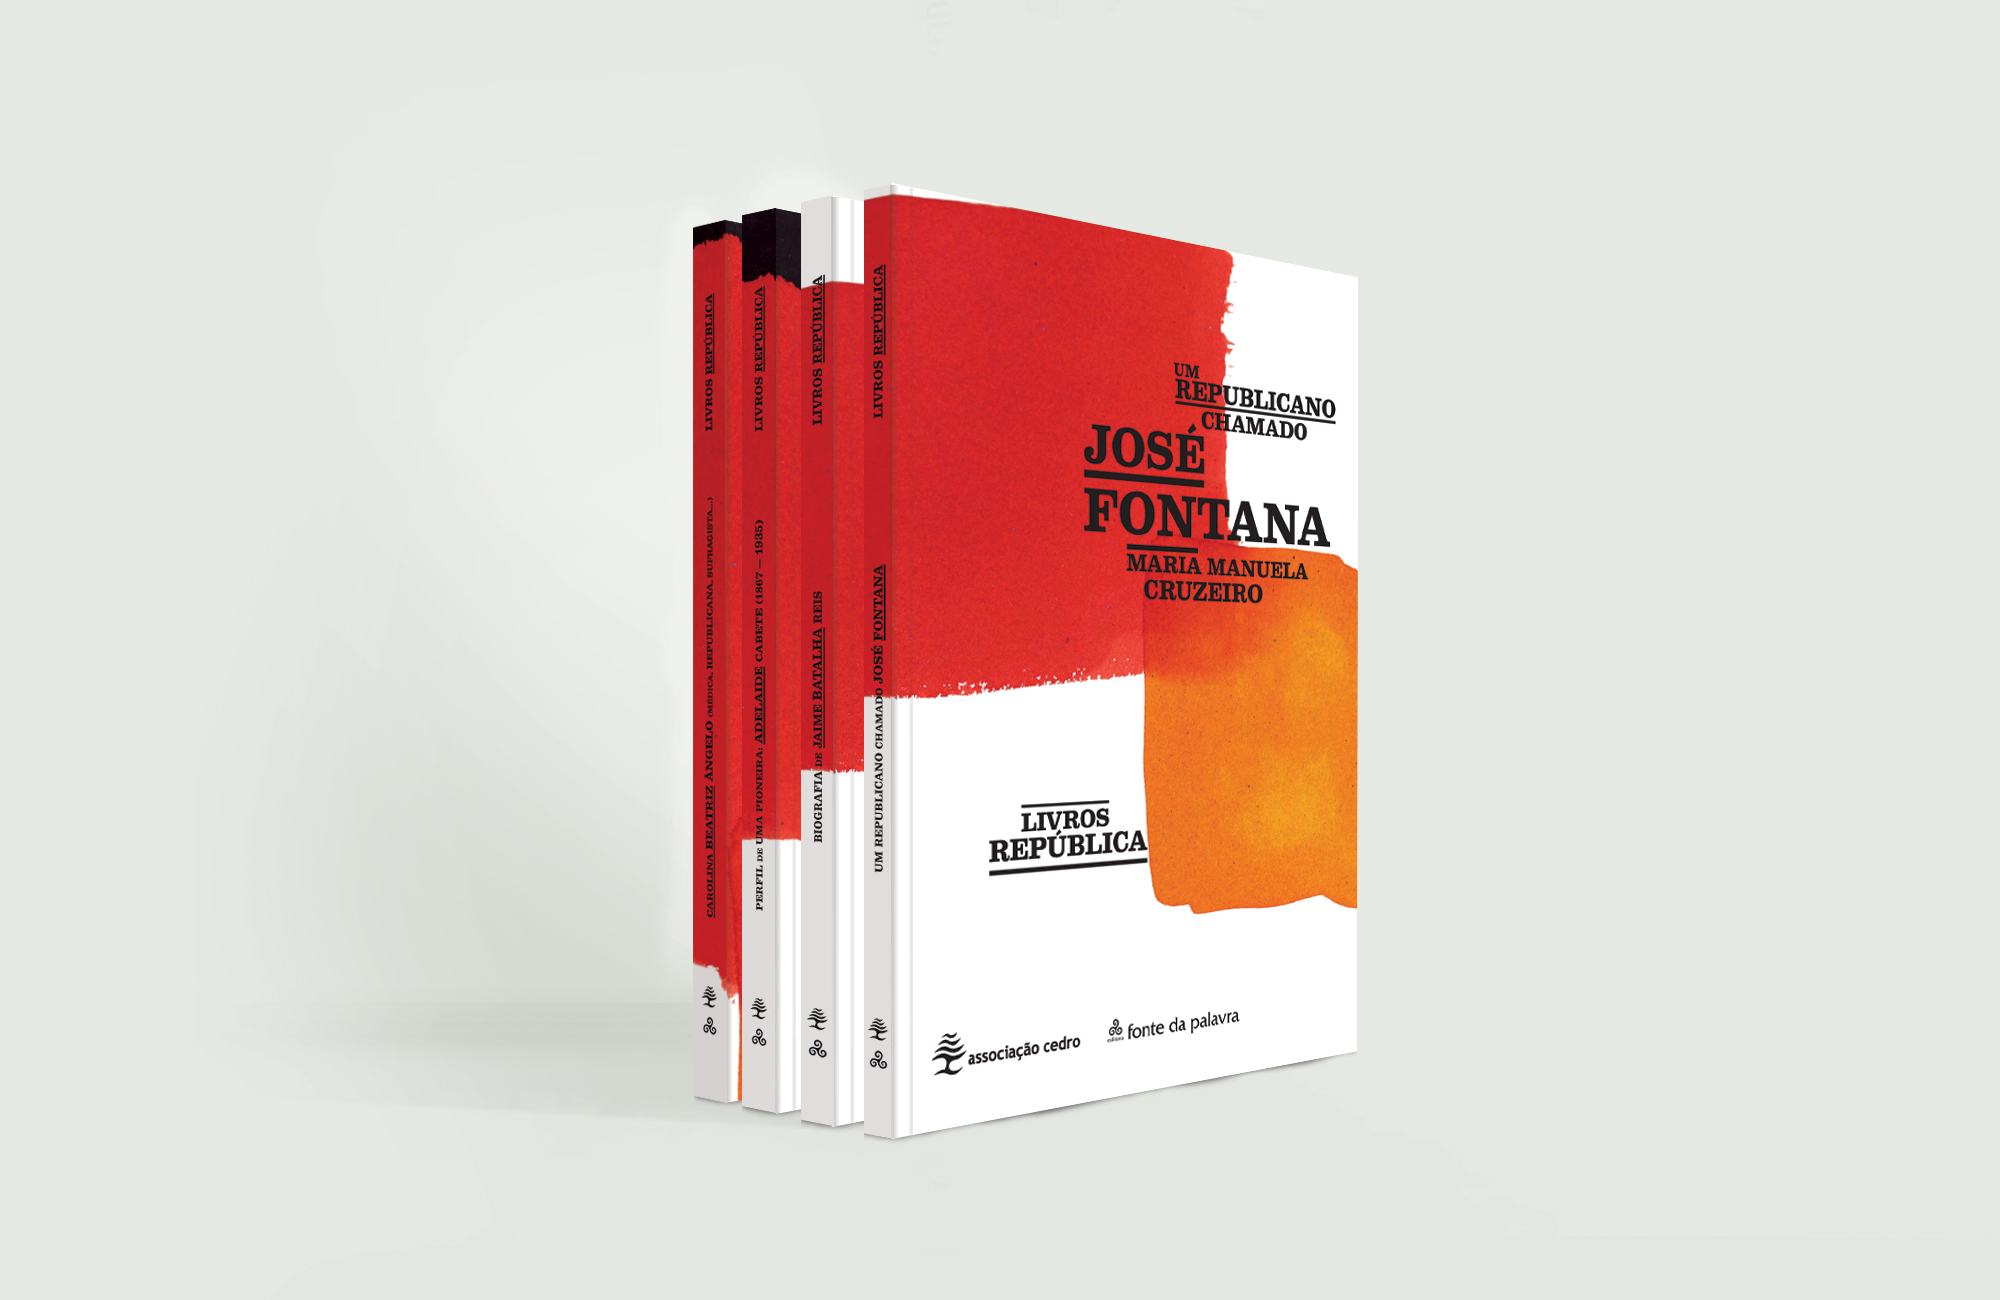 Livros República